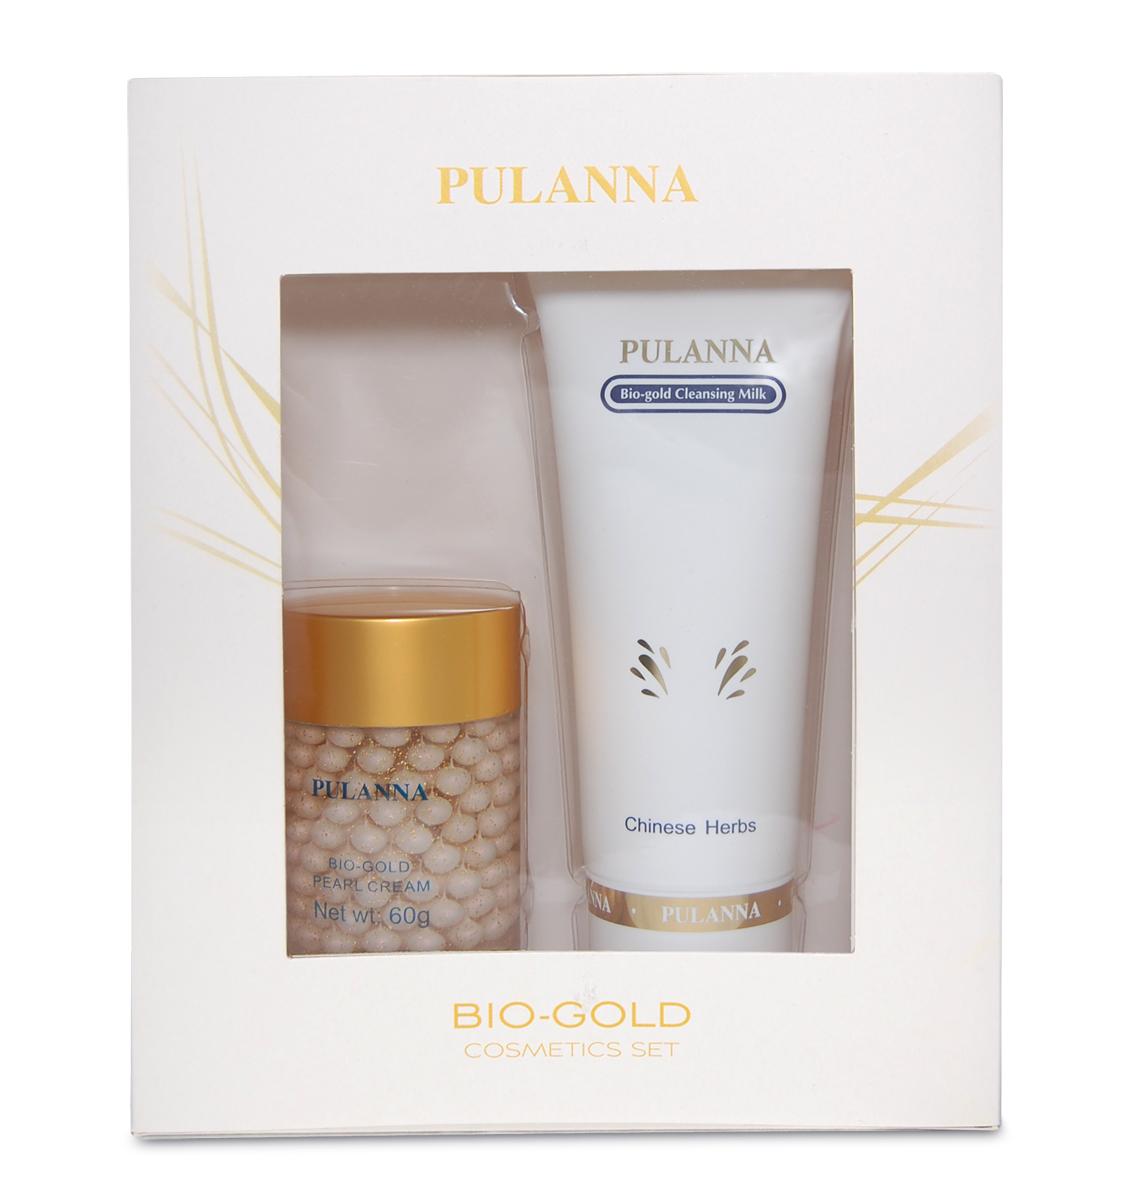 Pulanna Подарочный набор Bio-gold Cosmetics Set (2 предмета)59025960059241. Очищающее молочко прекрасно удаляет макияж, поверхностные загрязнения, излишки кожного сала, отмершие роговые чешуйки, не нарушая РН и гидро-липидную мантию кожи. Ускоряет регенерацию клеток. 2. Жемчужный крем активно омолаживает, придаёт коже сияющий и ровный тон. Крем нормализует кровоснабжение, стимулирует вывод токсинов из кожи, замедляет процессы старения, обеспечивает увлажнение на 24 часа, увеличивает продолжительность жизни клеток. Поддерживает упругость кожи, нормализует процессы клеточного метаболизма и правильной дифференцировки клеток, насыщает ее необходимыми минералами, аминокислотами, витаминами. Обладает лифтинговым действием. Уникальная рецептура этого крема позволяет поддержать молодость вашей кожи. Серия подходит для всех типов кожи с 40 лет, с 35 лет в качестве интенсивного восстановления курсами (28-30 дней).